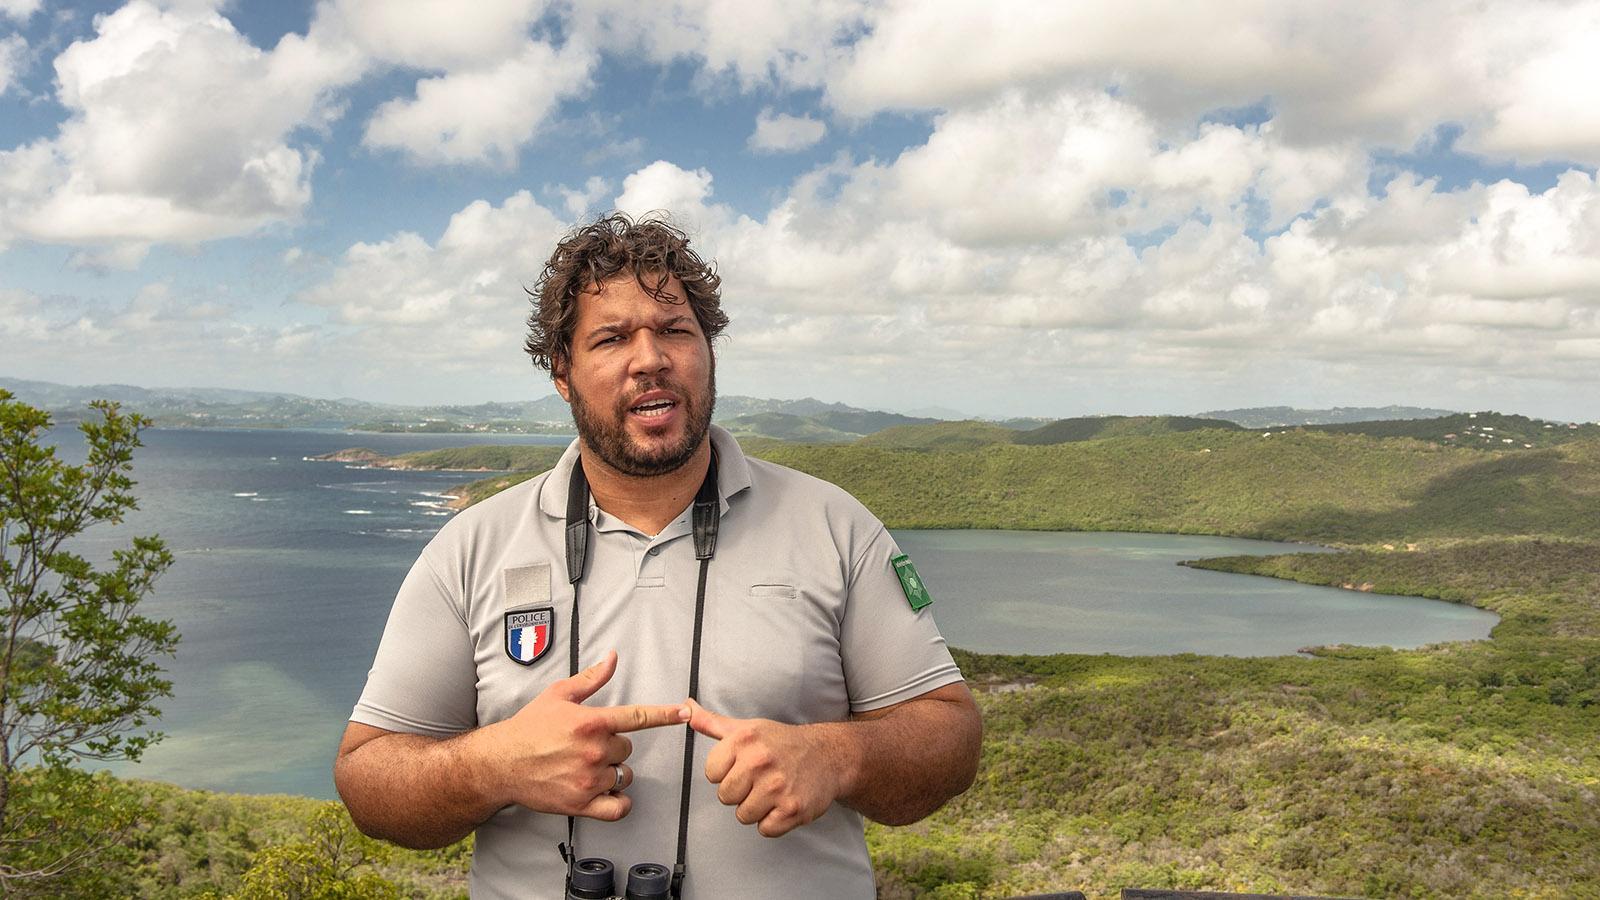 Thomas Alexandrine arbeitet als Ranger im Naturschutzgebiet Caravalle. Foto: Hilke Maunder